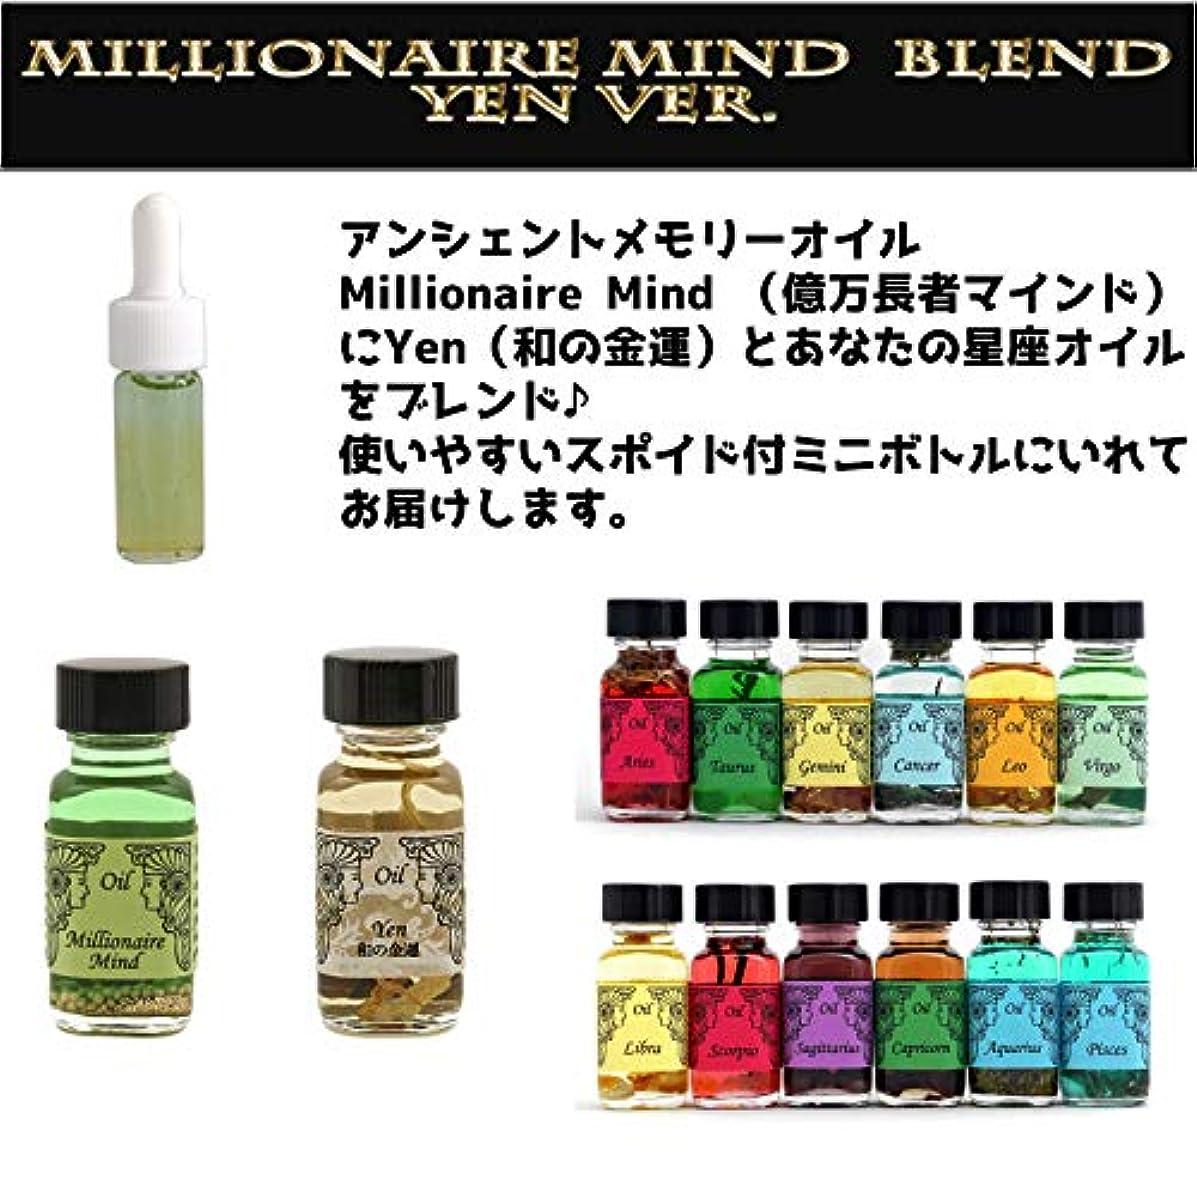 作曲する外国人イルアンシェントメモリーオイル Millionaire Mind 億万長者マインド ブレンド【Yen 和の金運&しし座】